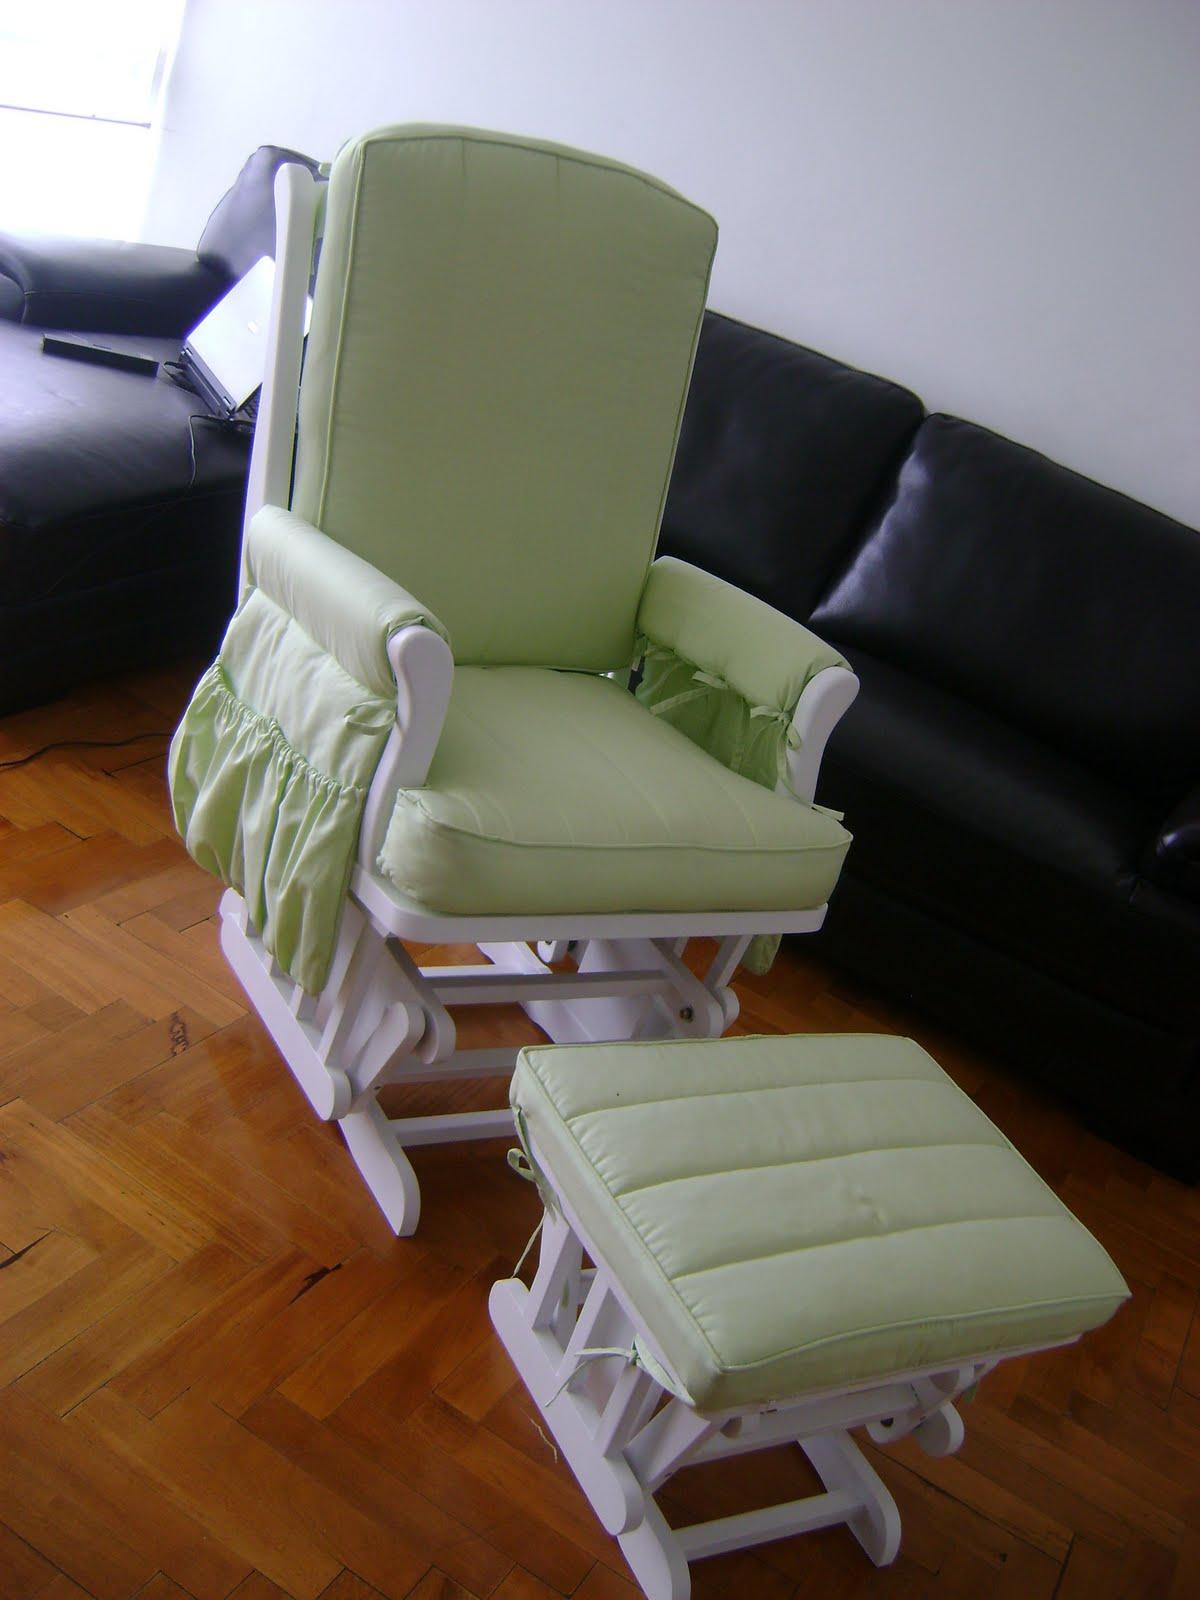 Creaciones clemente s a sillones de lactancia - Silla mecedora de lactancia ...